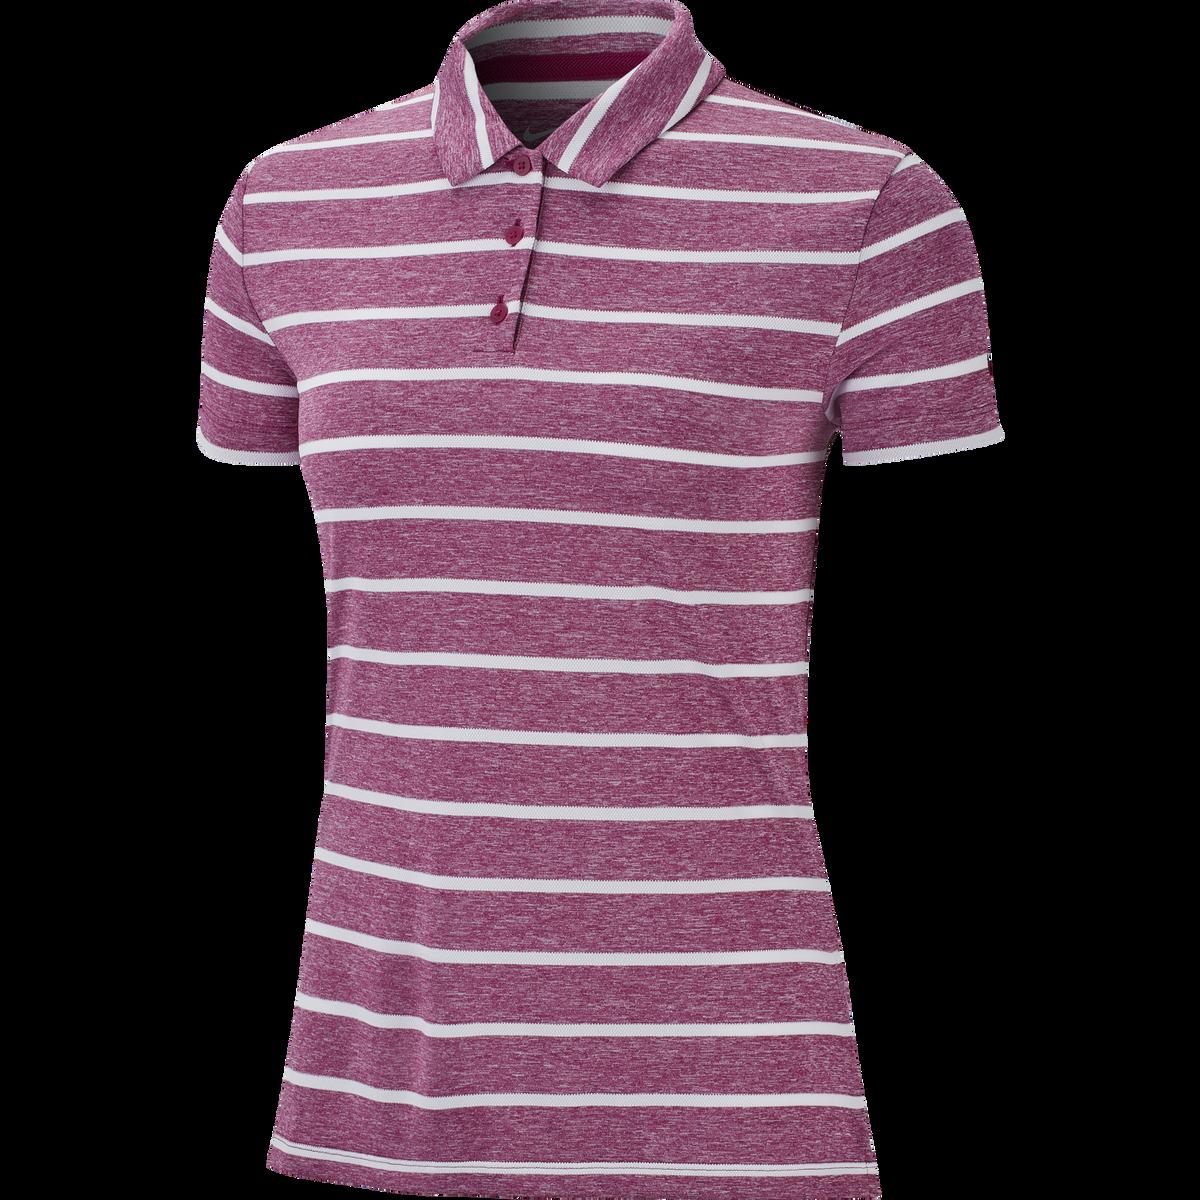 ad08984e Dri-Fit Striped Victory Polo | PGA TOUR Superstore